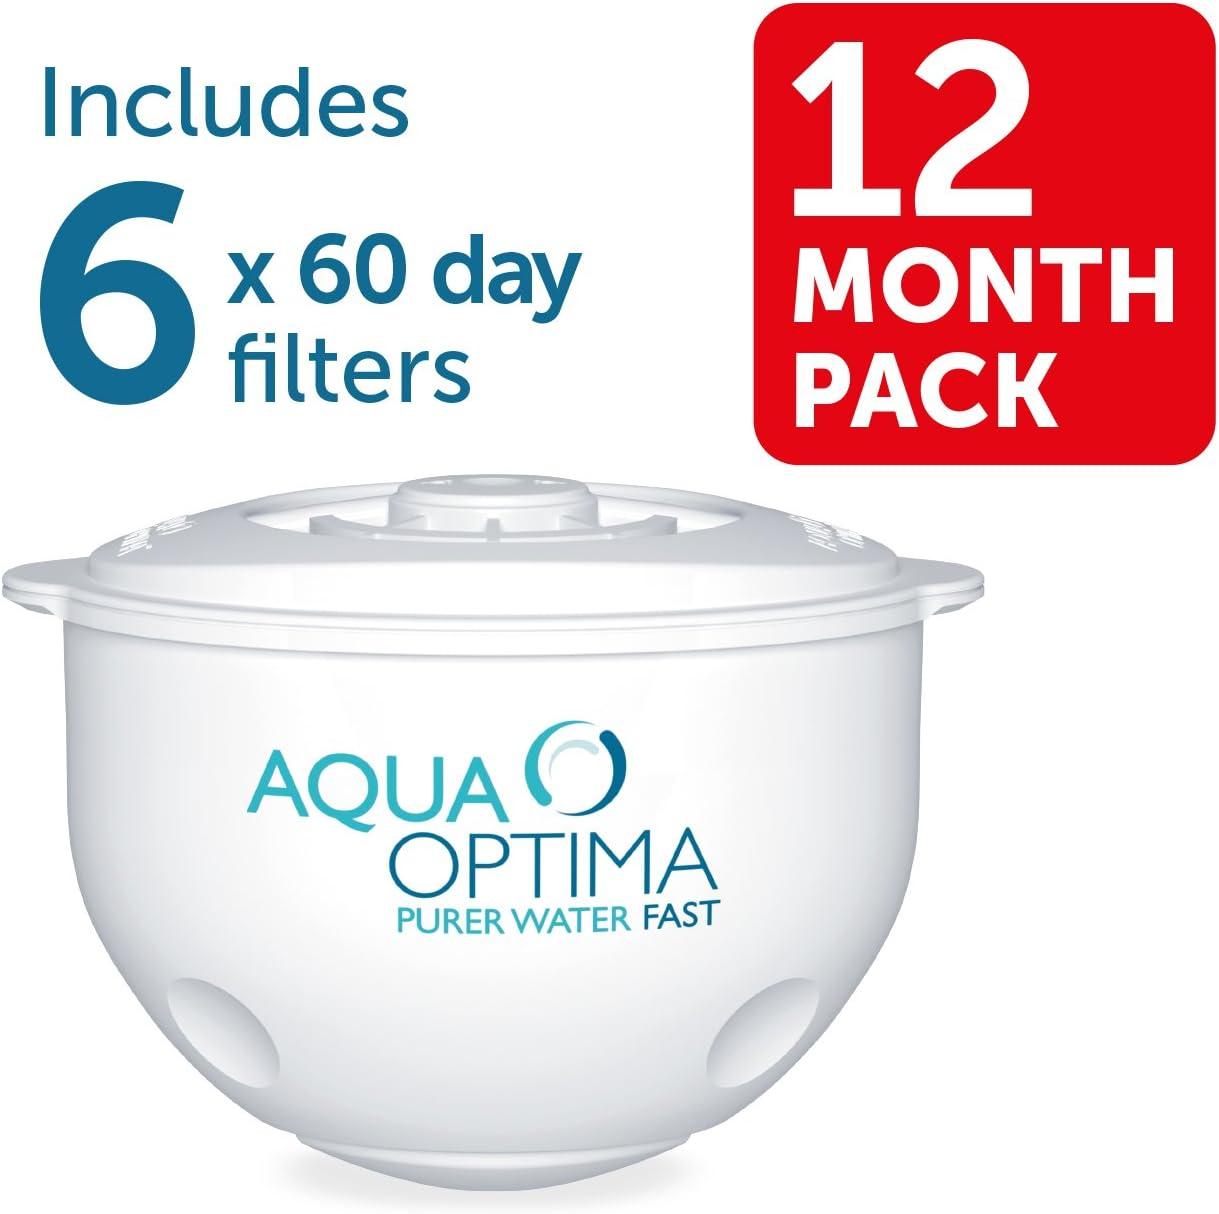 Pack annuel 12 mois Aqua Optima Galia Carafe Filtrante bleu 6 Cartouches de 60 Jours